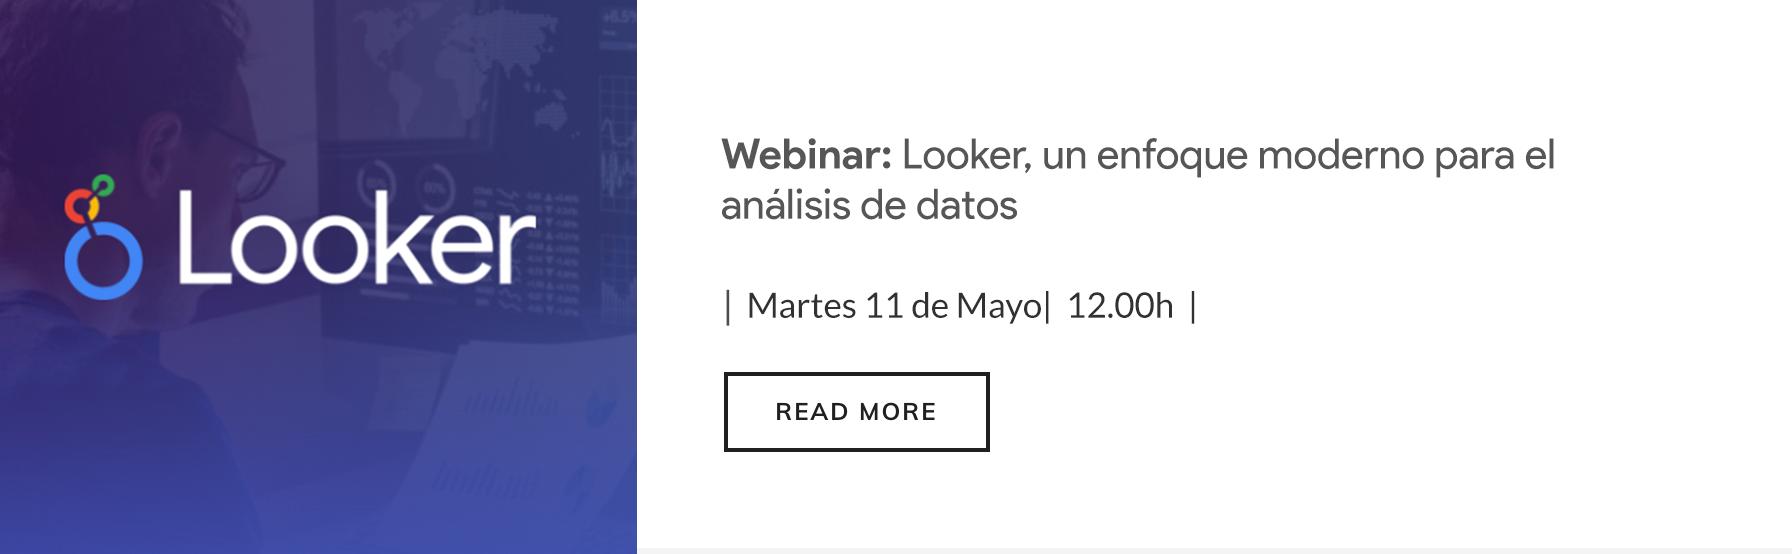 eventos-webinar-looker-mayo-2021